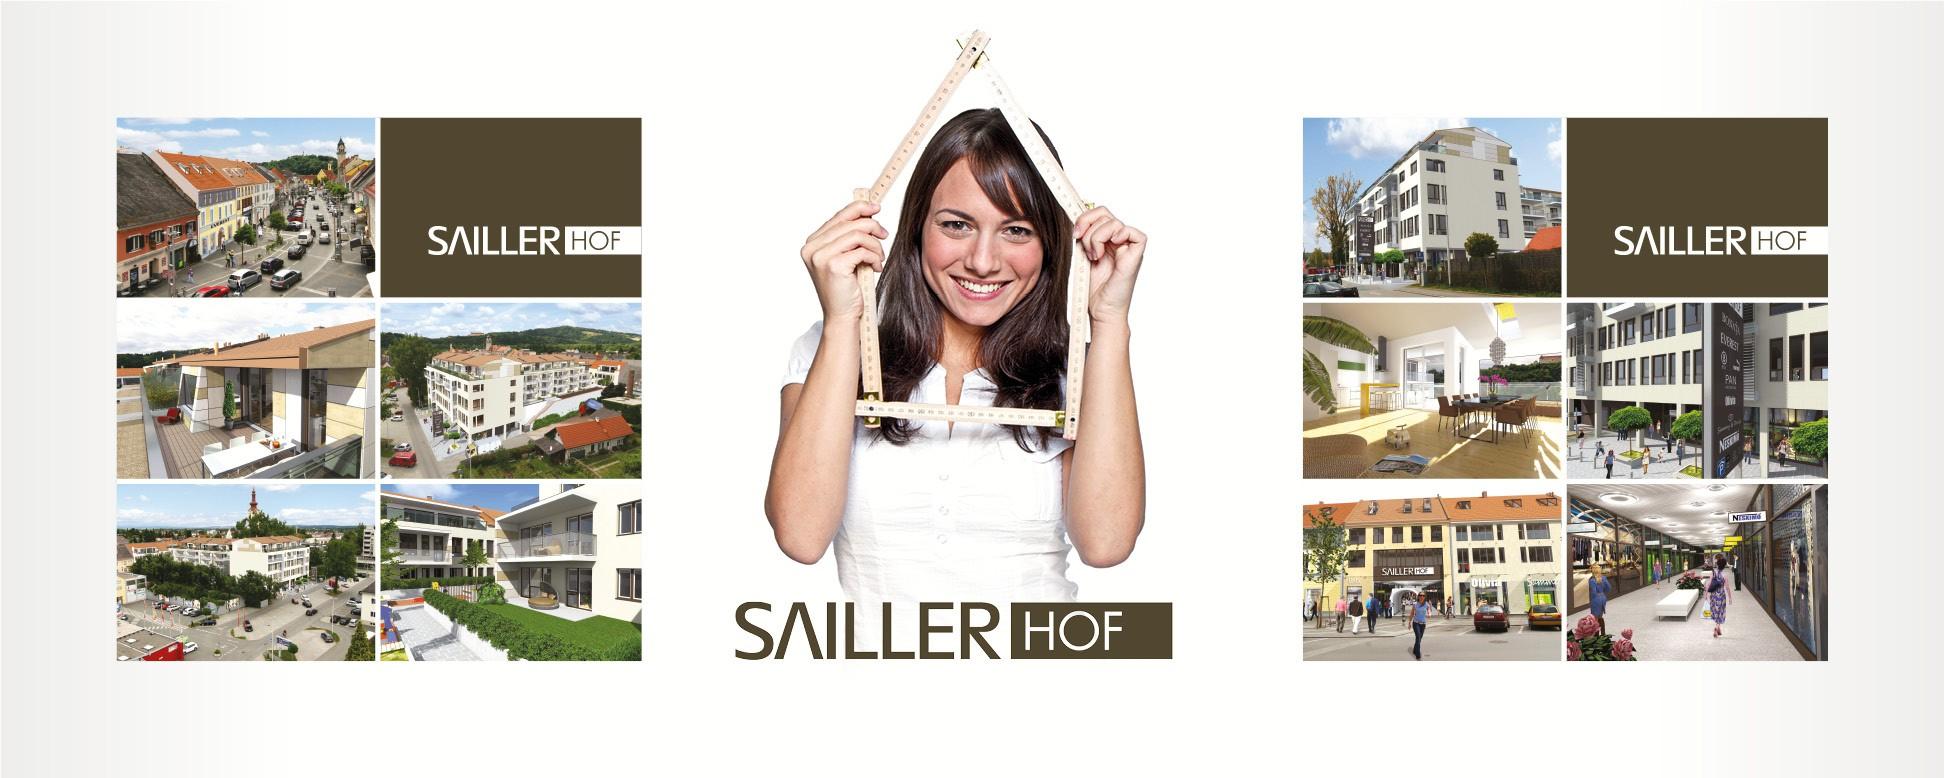 saillerhof